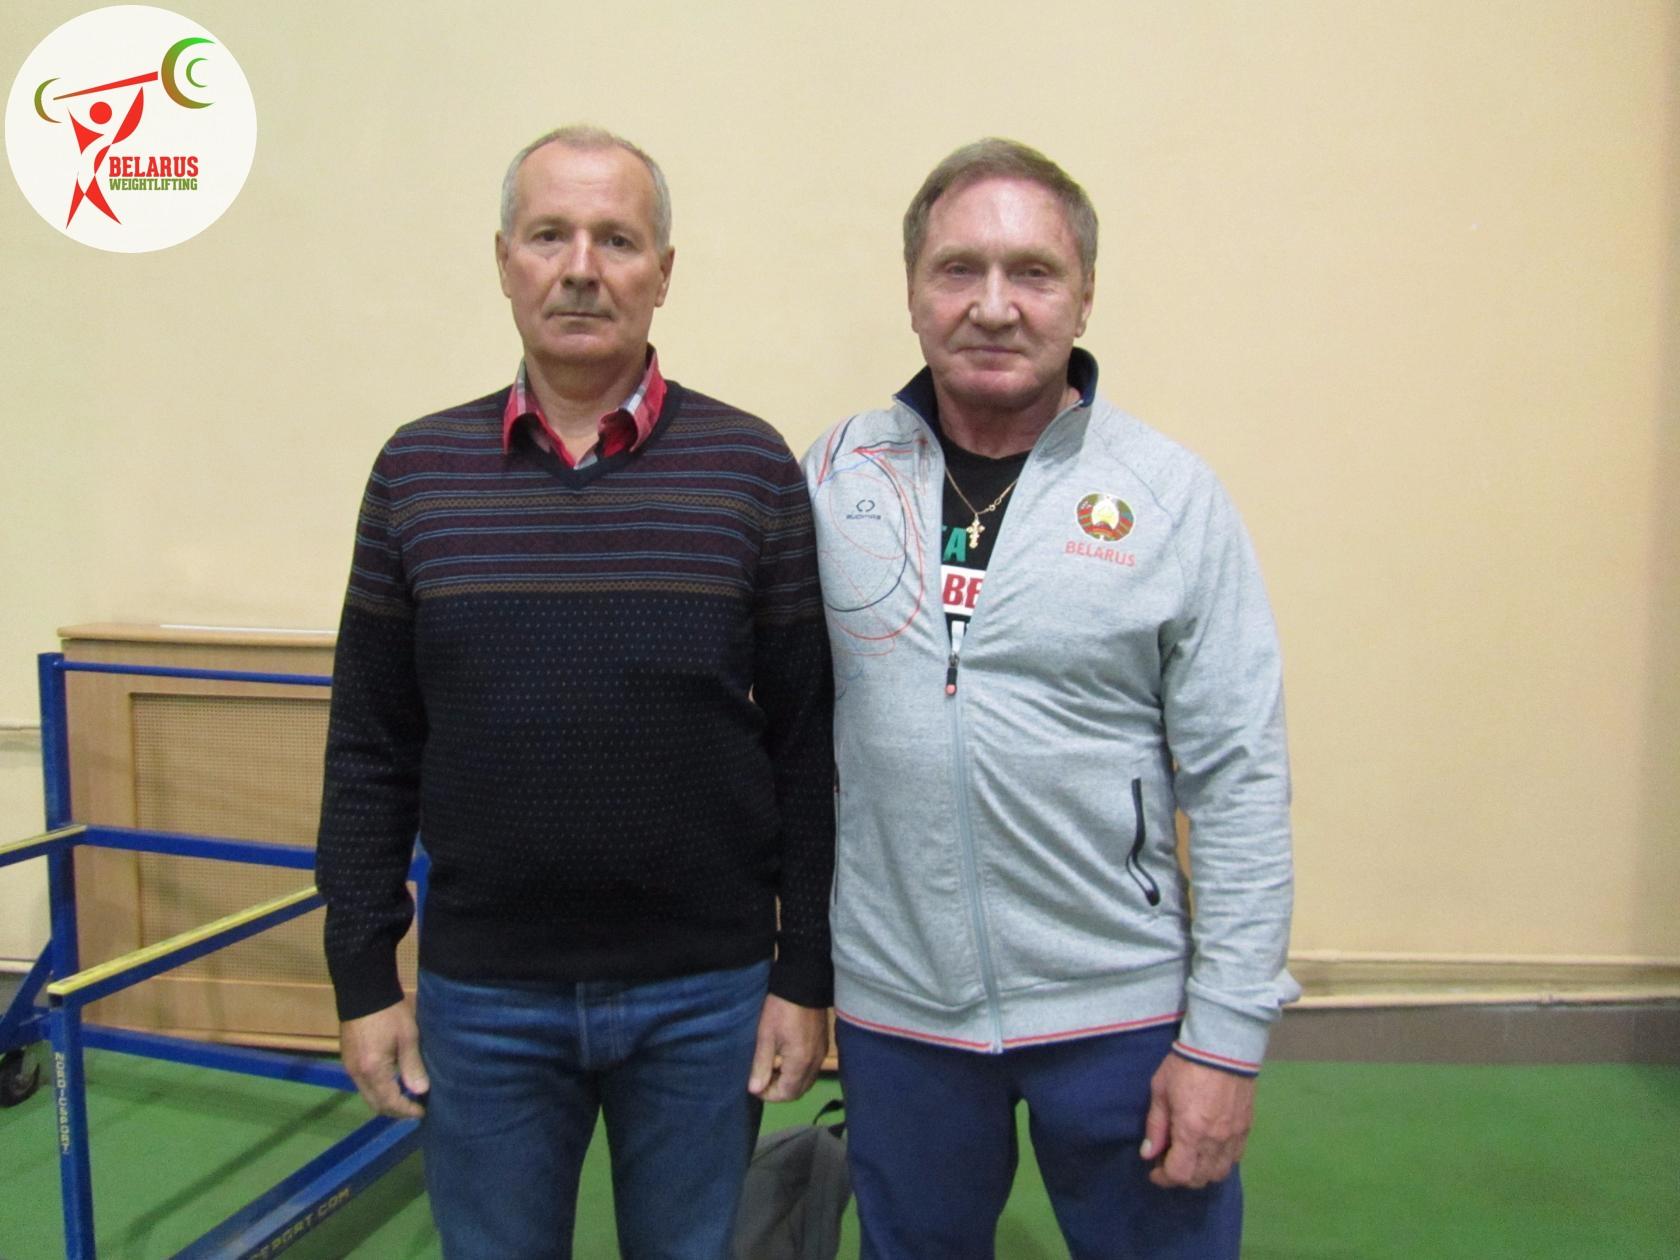 Валентин Короткин, Виктор Шершуков